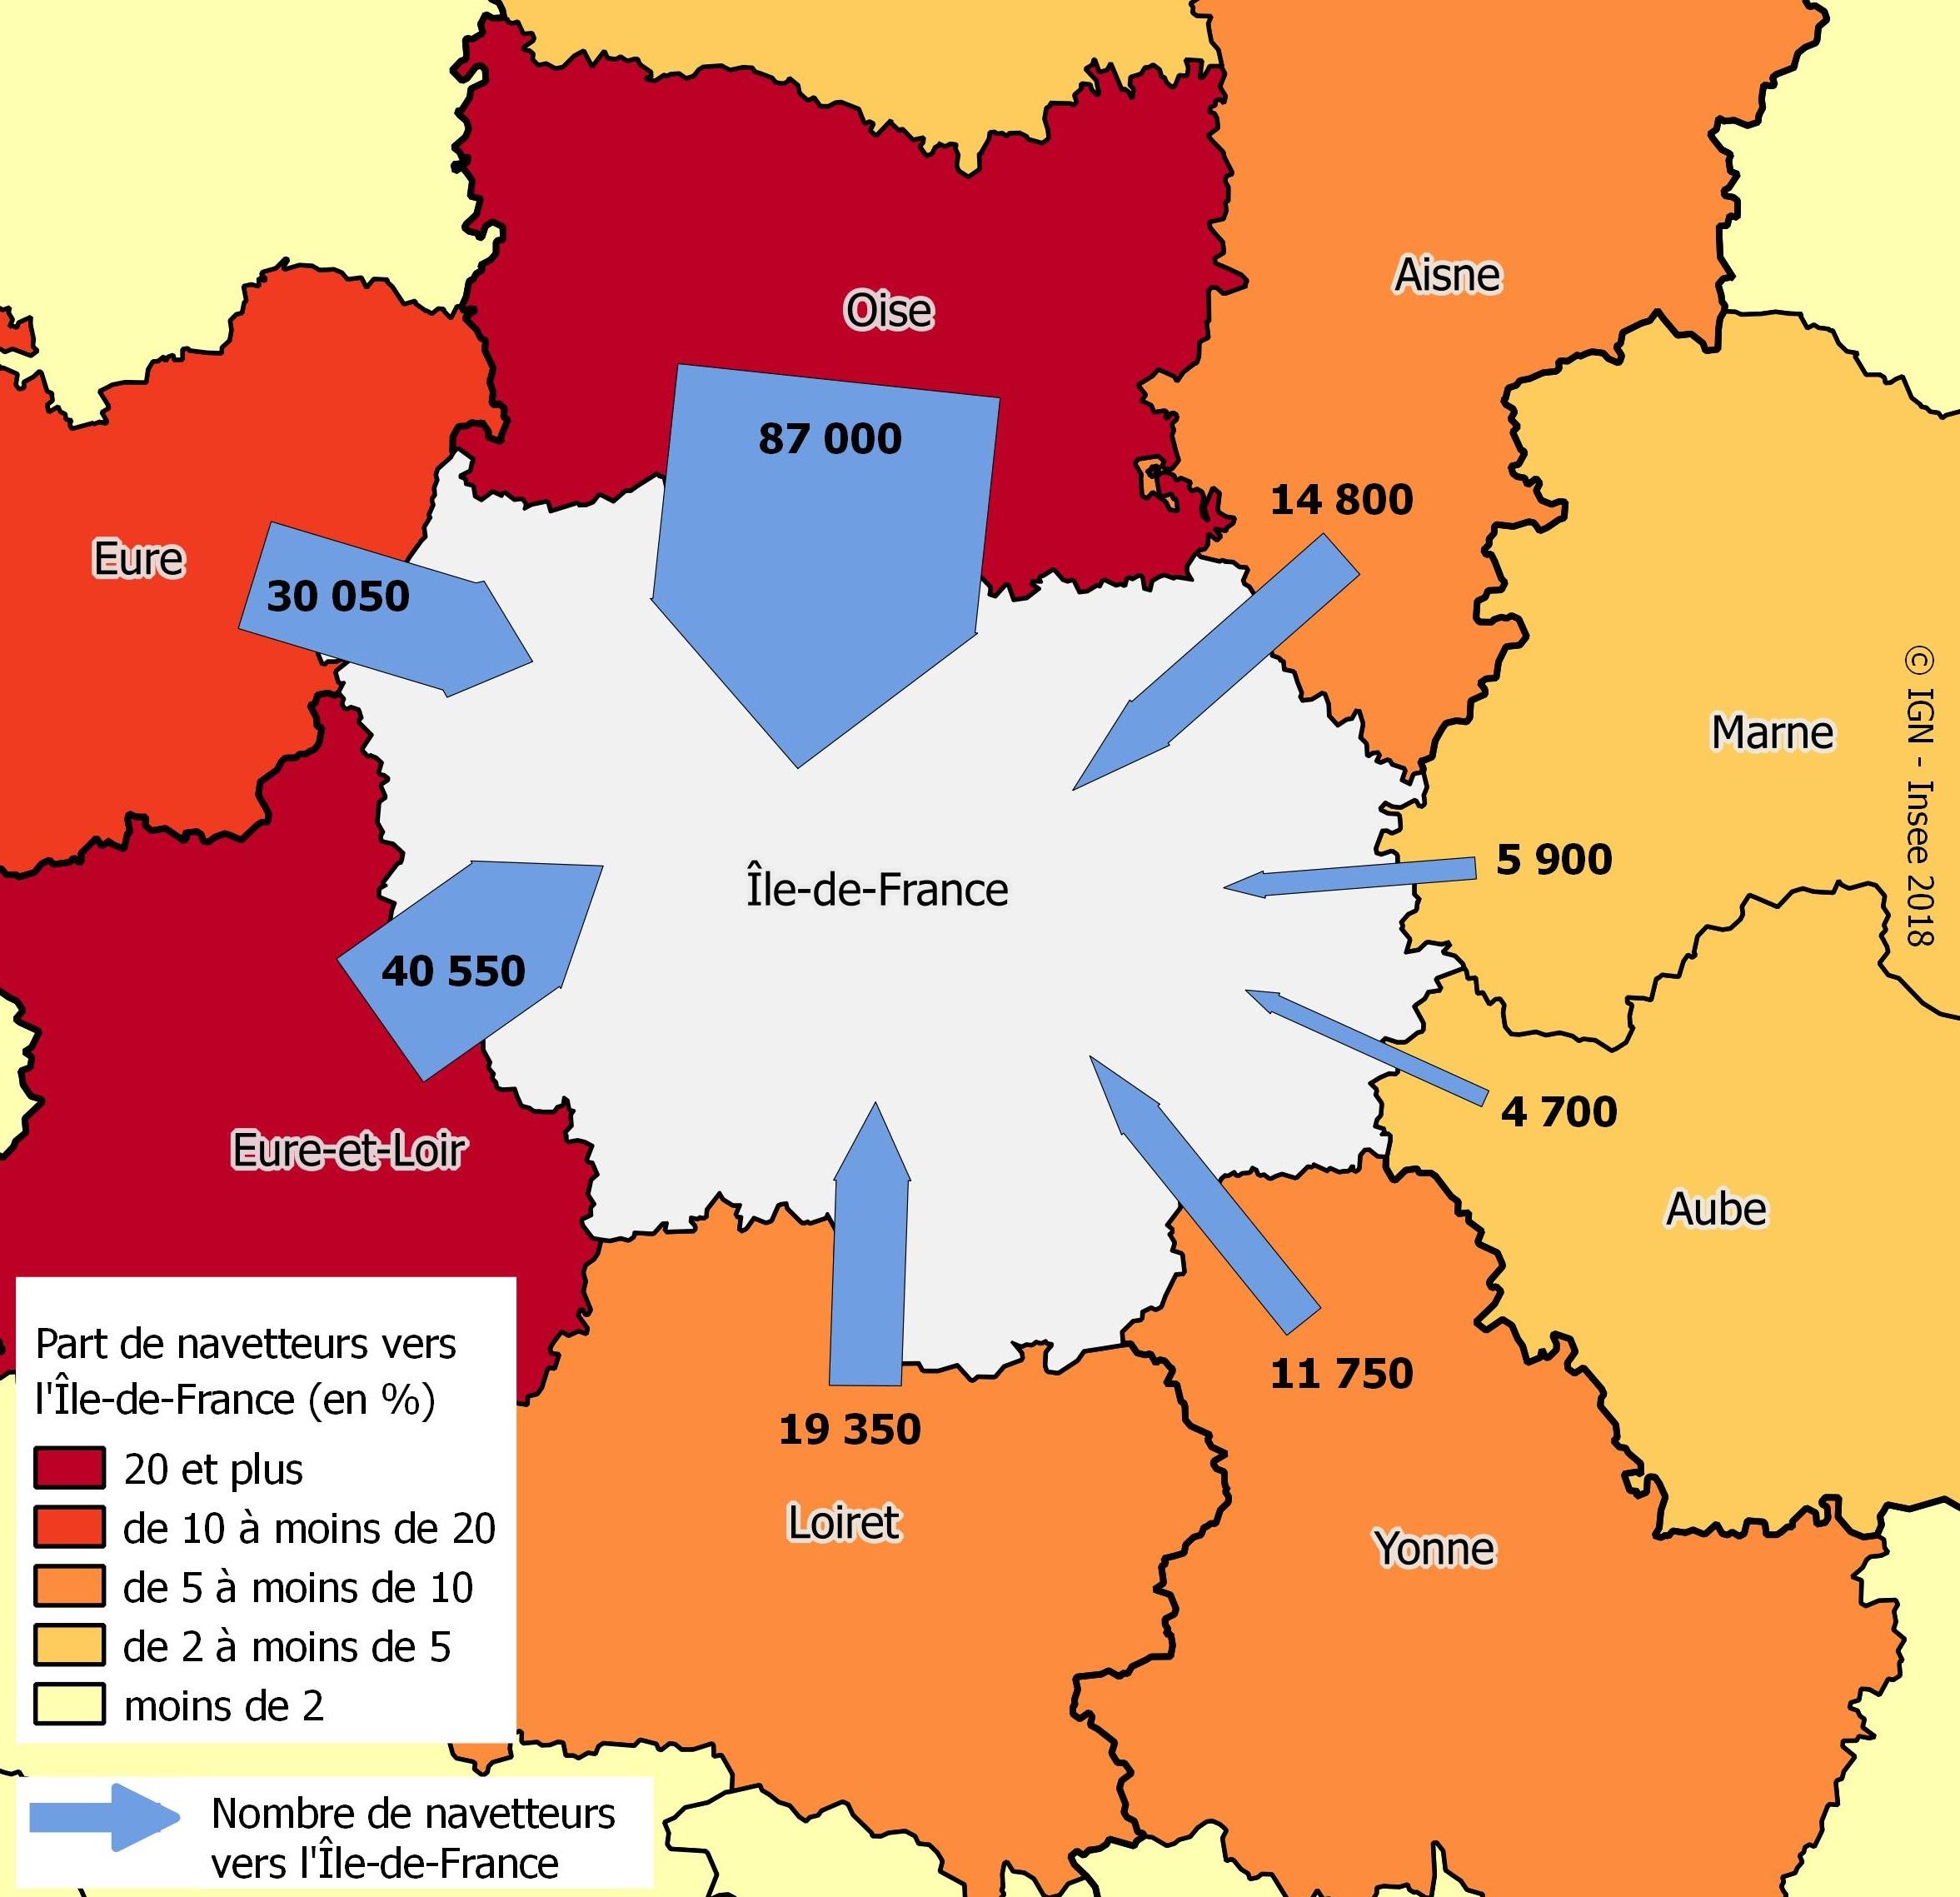 Ile de France département